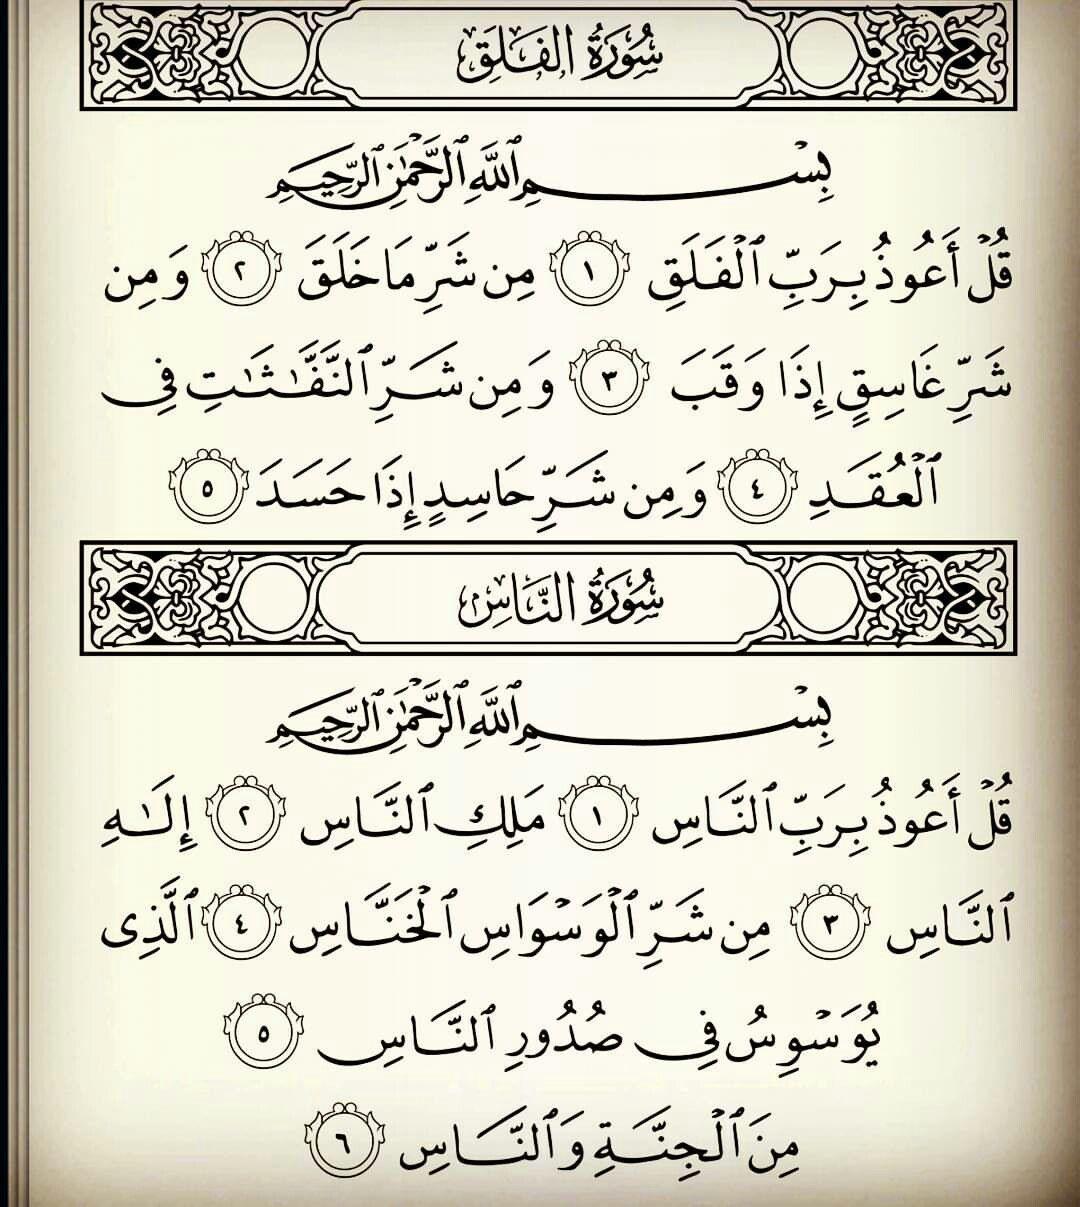 المعوذتان سورة الفلق وسورة الناس Quran Title All About Islam